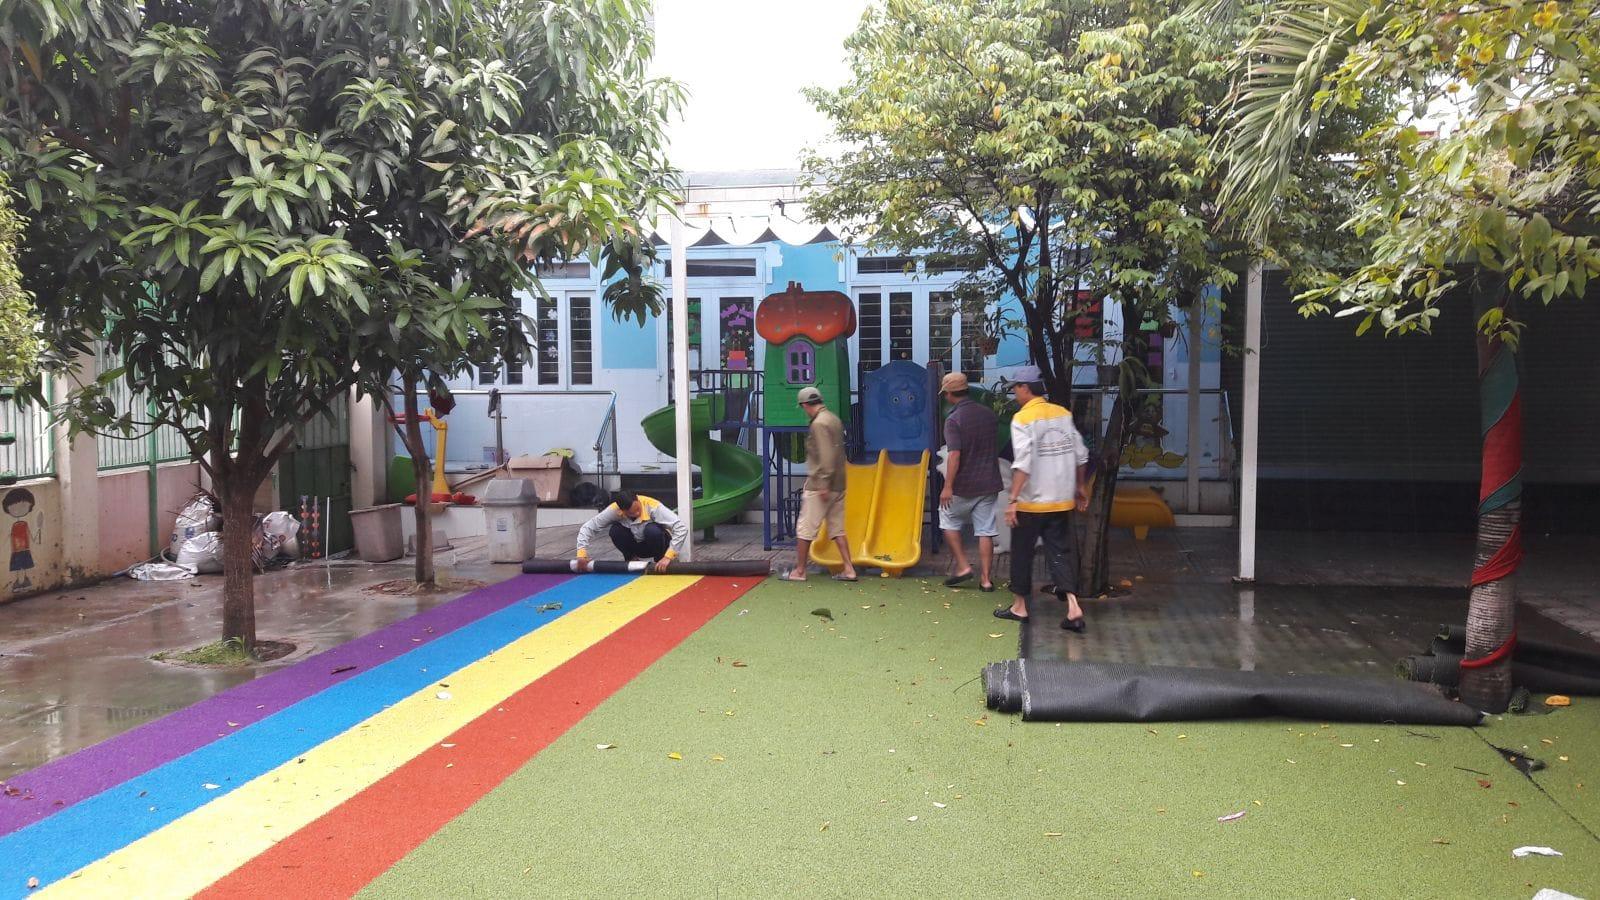 Thi công hồ bơi trường Mầm non Cầu Vồng - Ảnh công trường 1